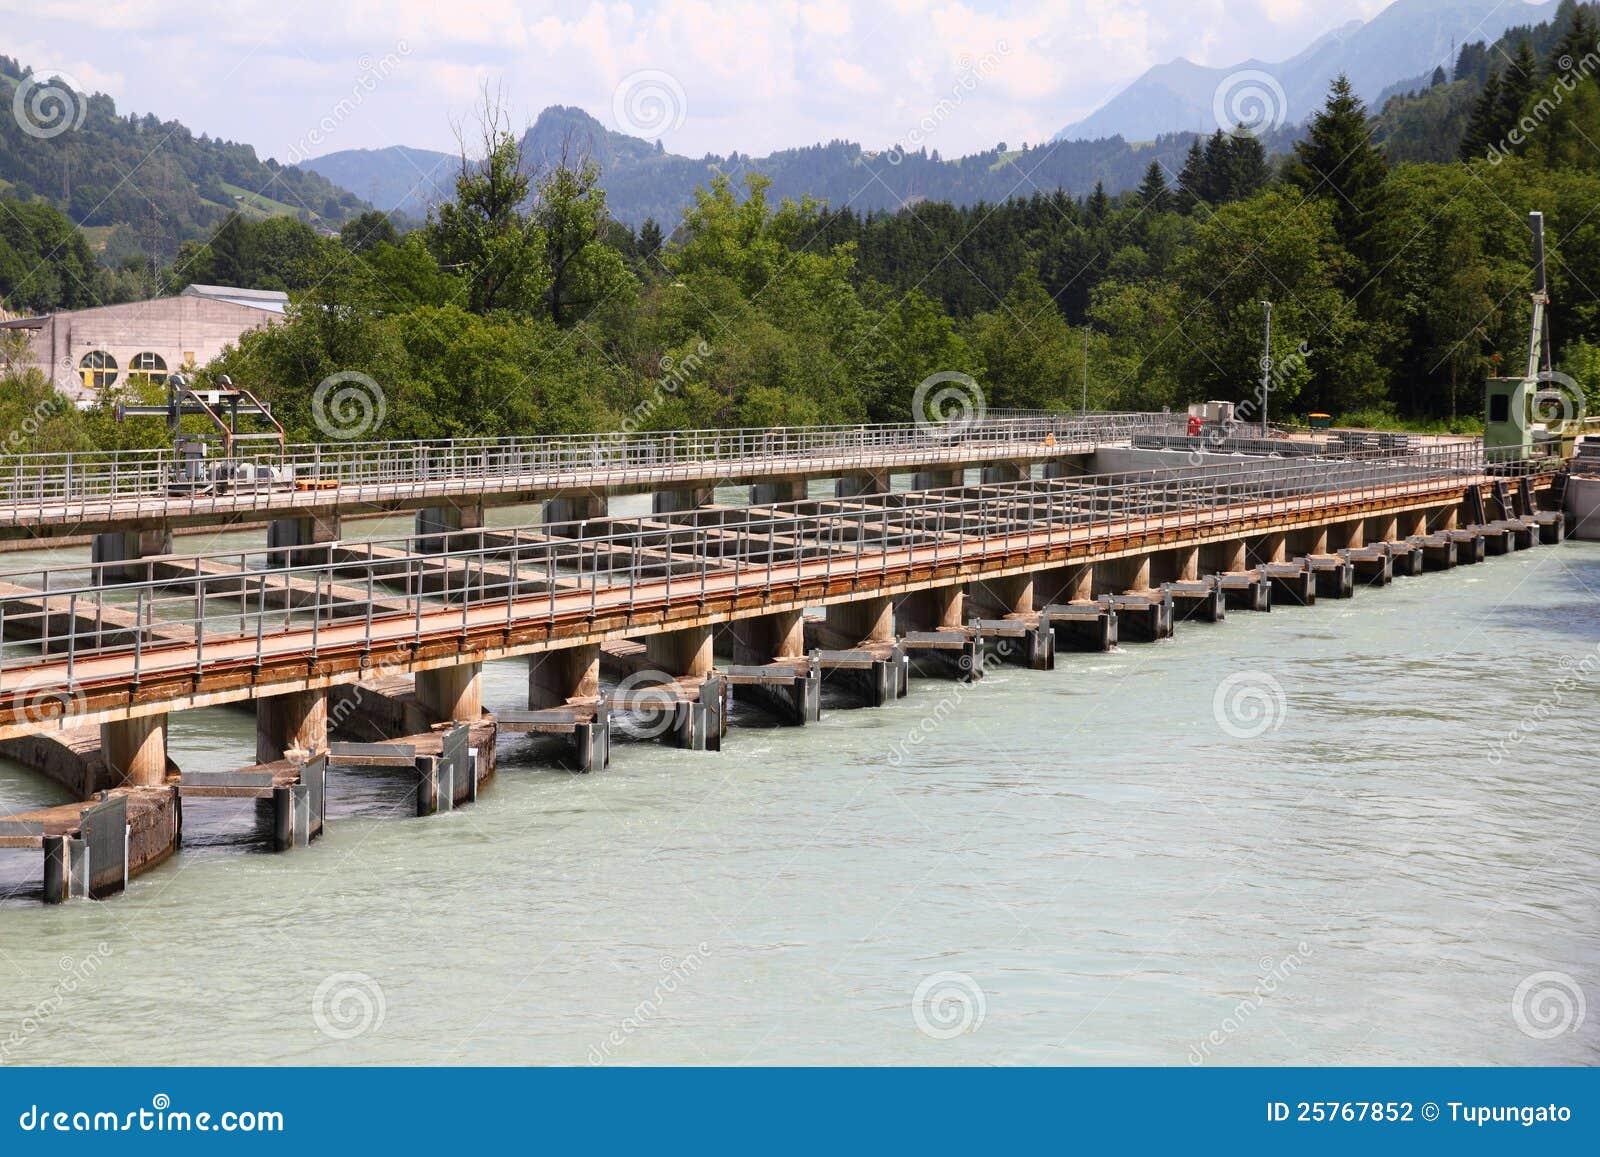 hydropower plants essay